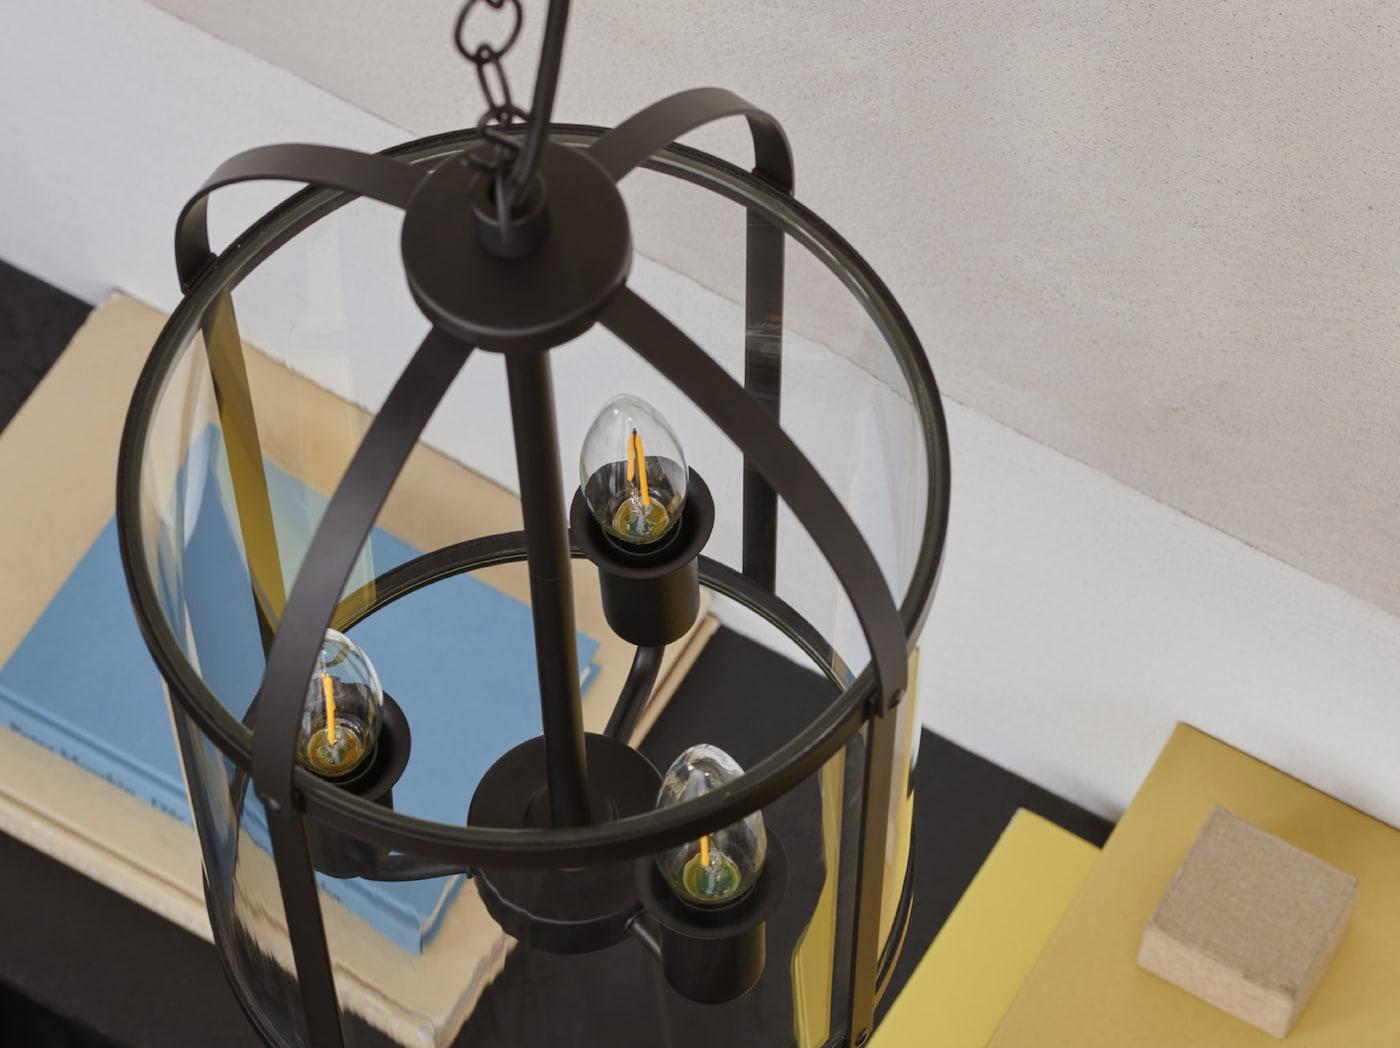 产品特写:采用吊挂烛台设计的GALJON 加里恩 吊灯上装有三个装饰灯泡,背景中摆放着五颜六色的书籍。